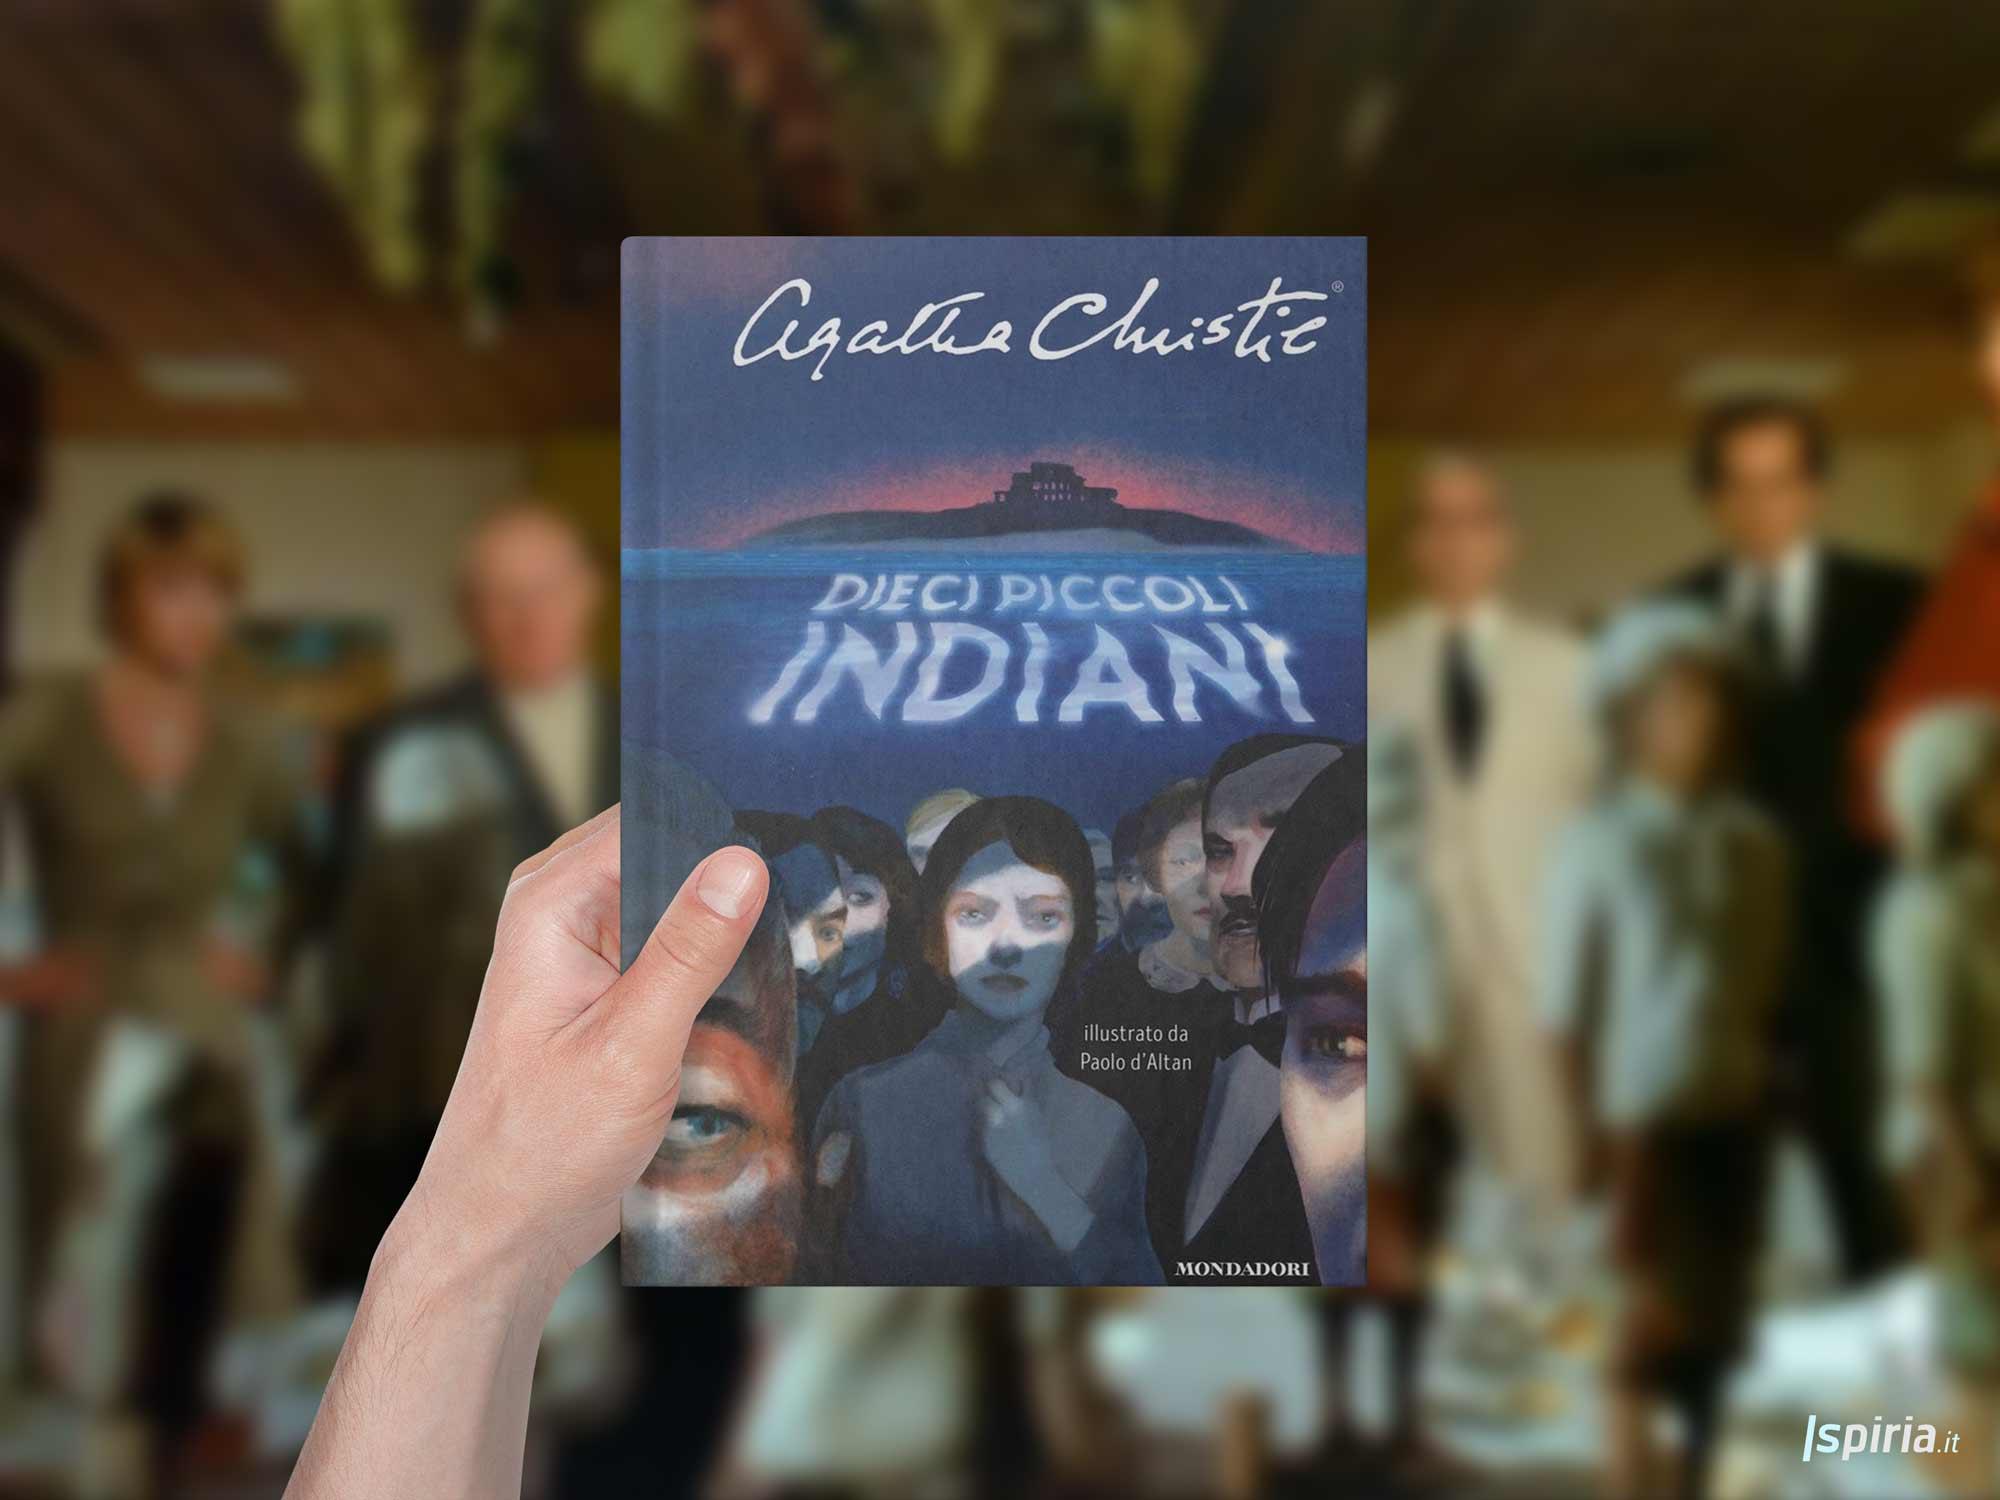 dieci-piccoli-indiani-migliore-libro-agatha-christie